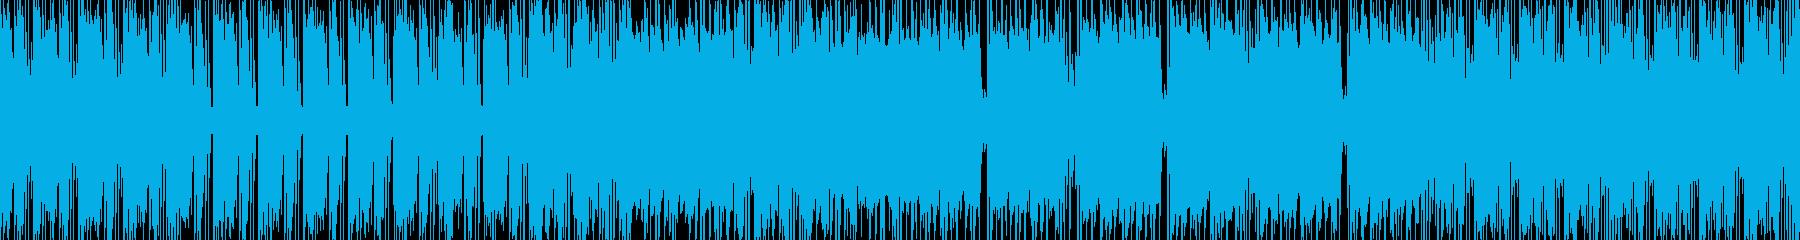 和風ロック調ループBGMの再生済みの波形